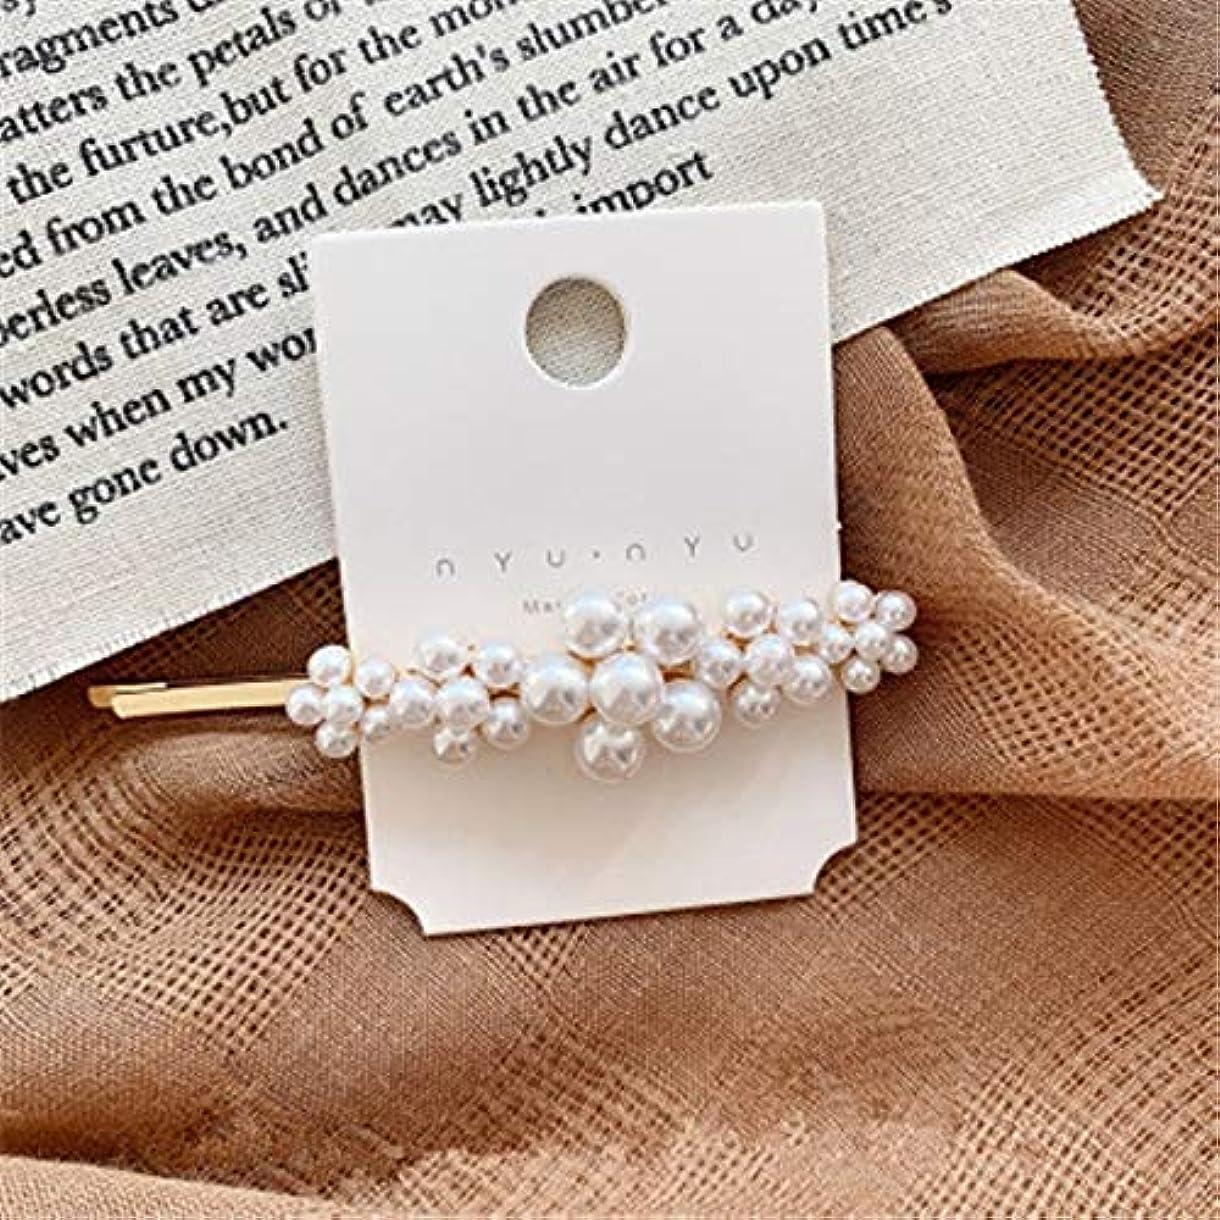 黄ばむ簡単に九月Hairpinheair Yhm模造真珠の花ヘアピンヴィンテージロングバレットヘアクリップクリスタルメタルヘアアクセサリーヘアグリップ (色 : Color1)